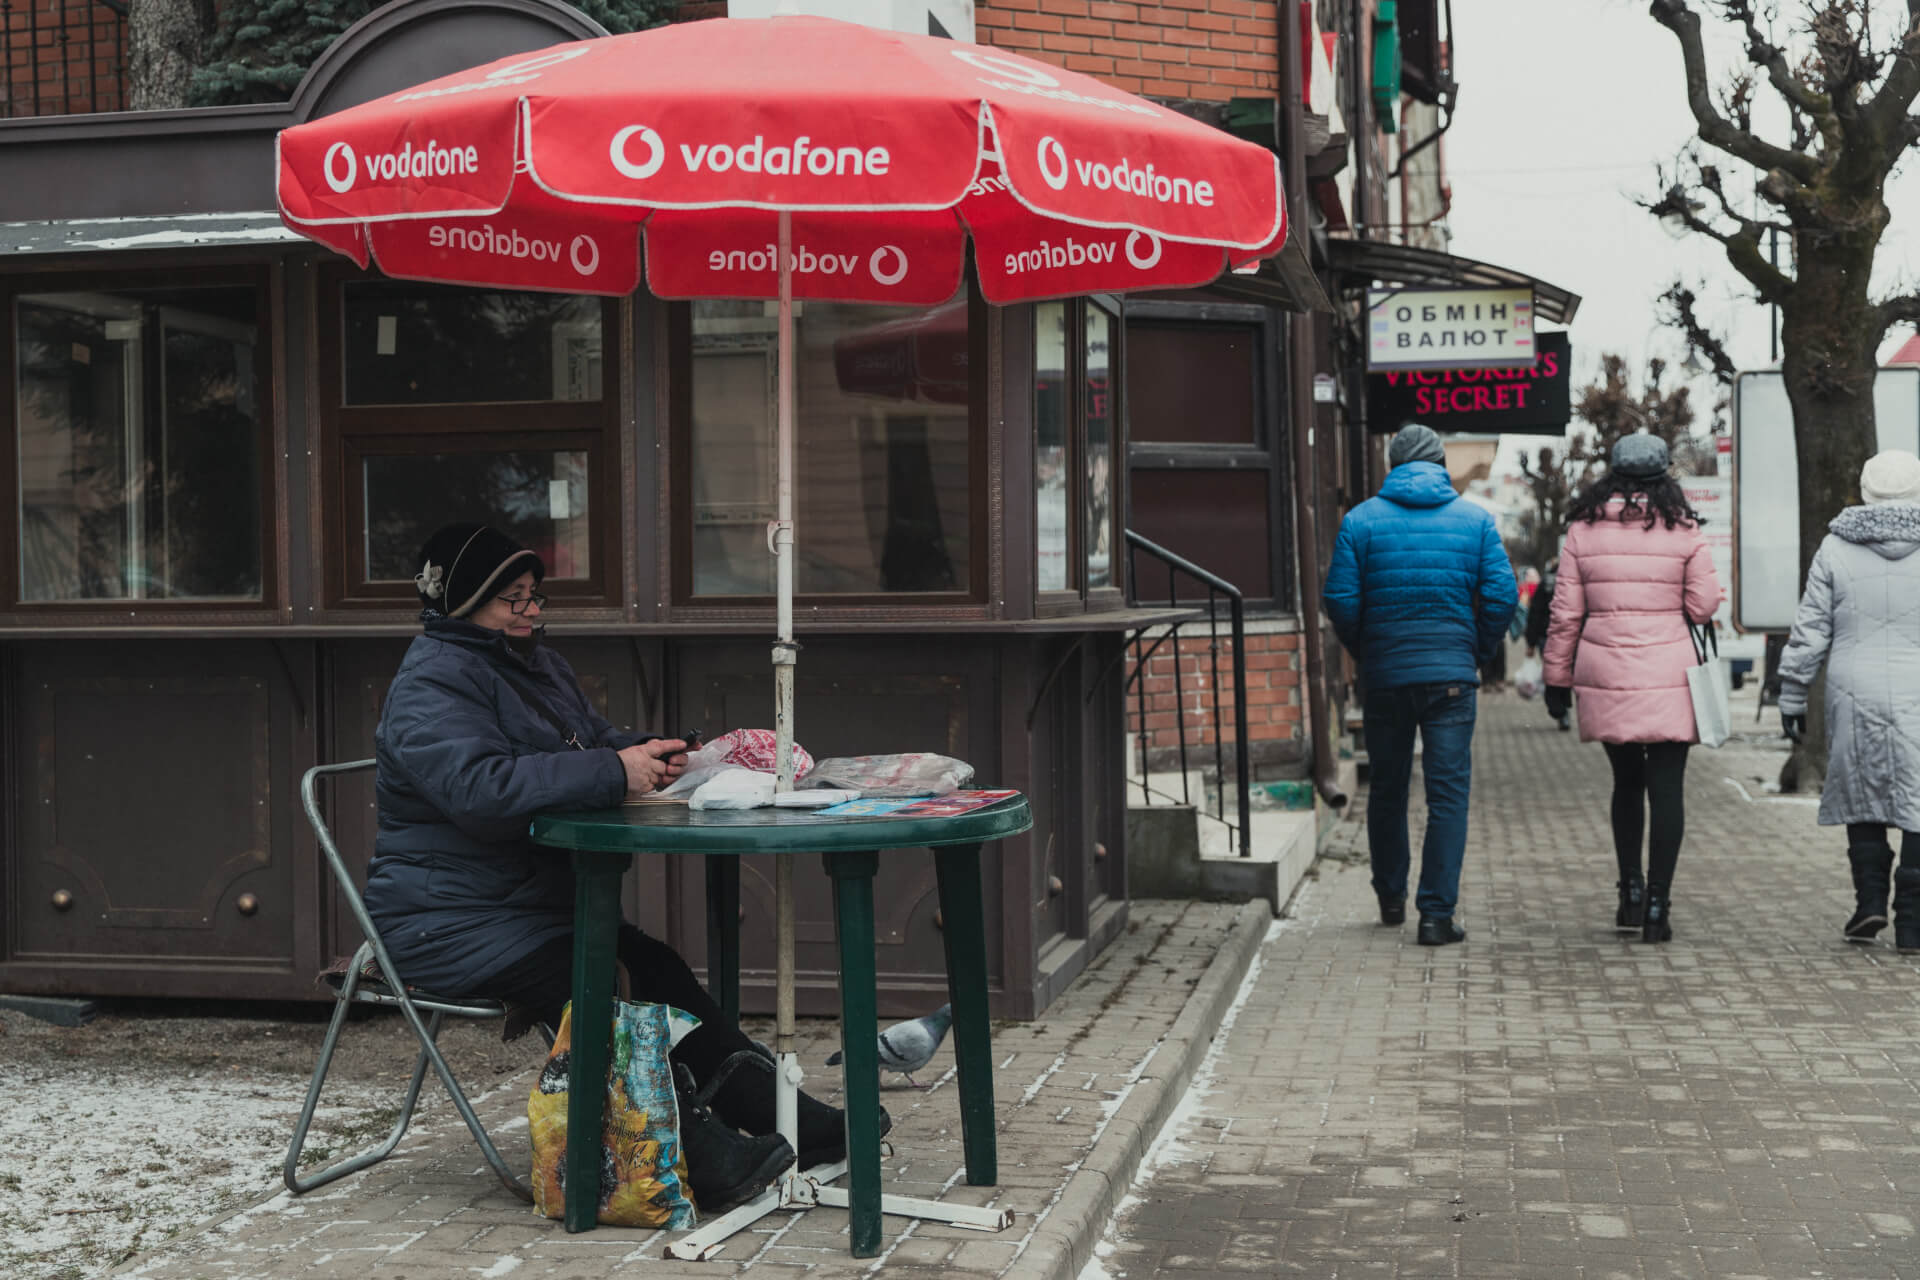 Загадкова жінка із червоною парасолькою: хто вона?